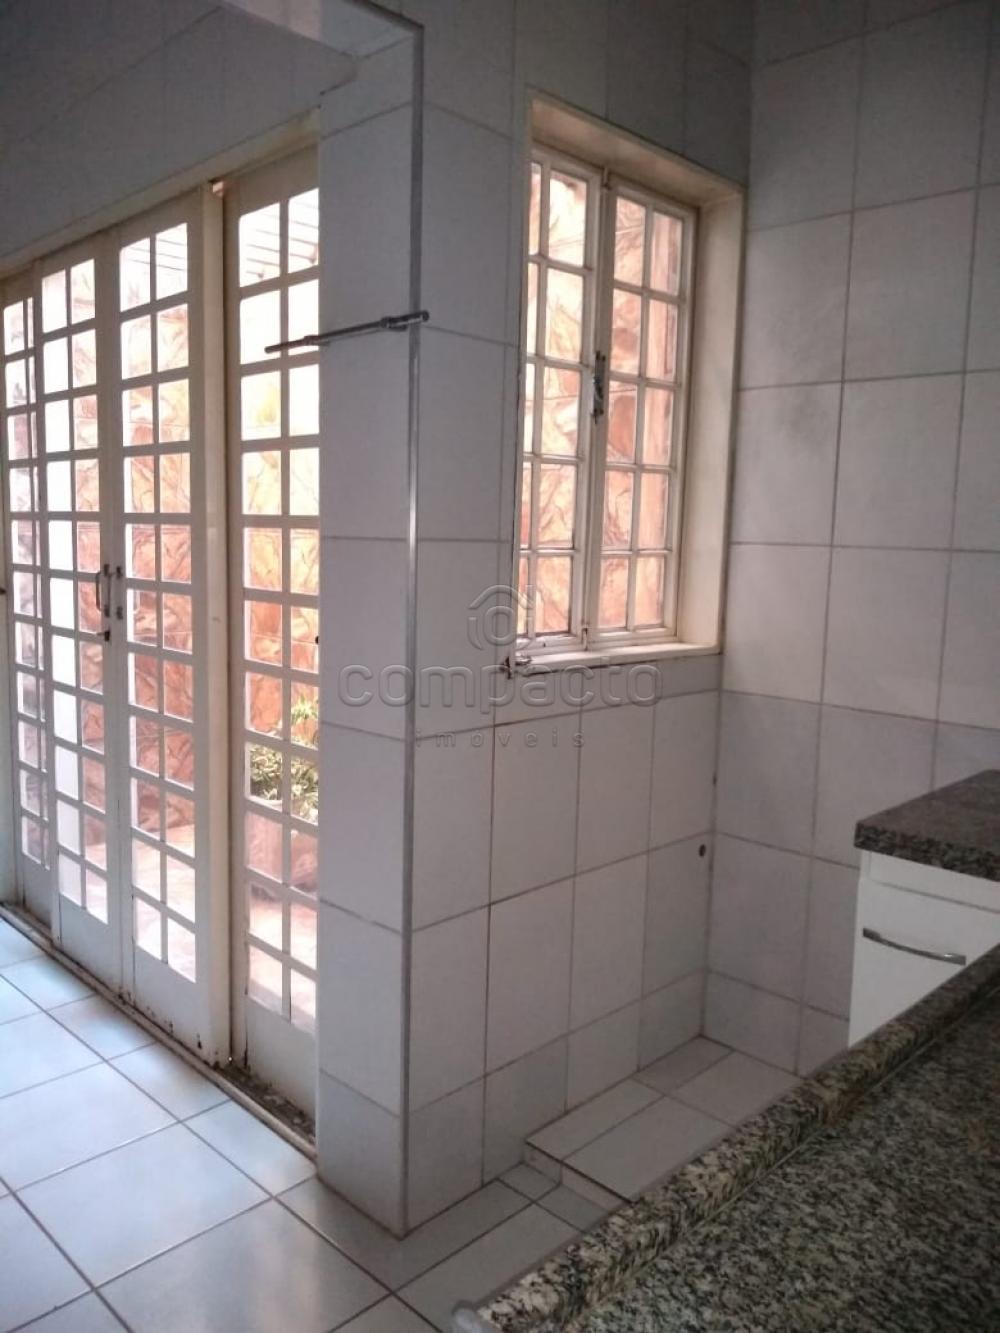 Alugar Casa / Padrão em São José do Rio Preto apenas R$ 1.600,00 - Foto 19